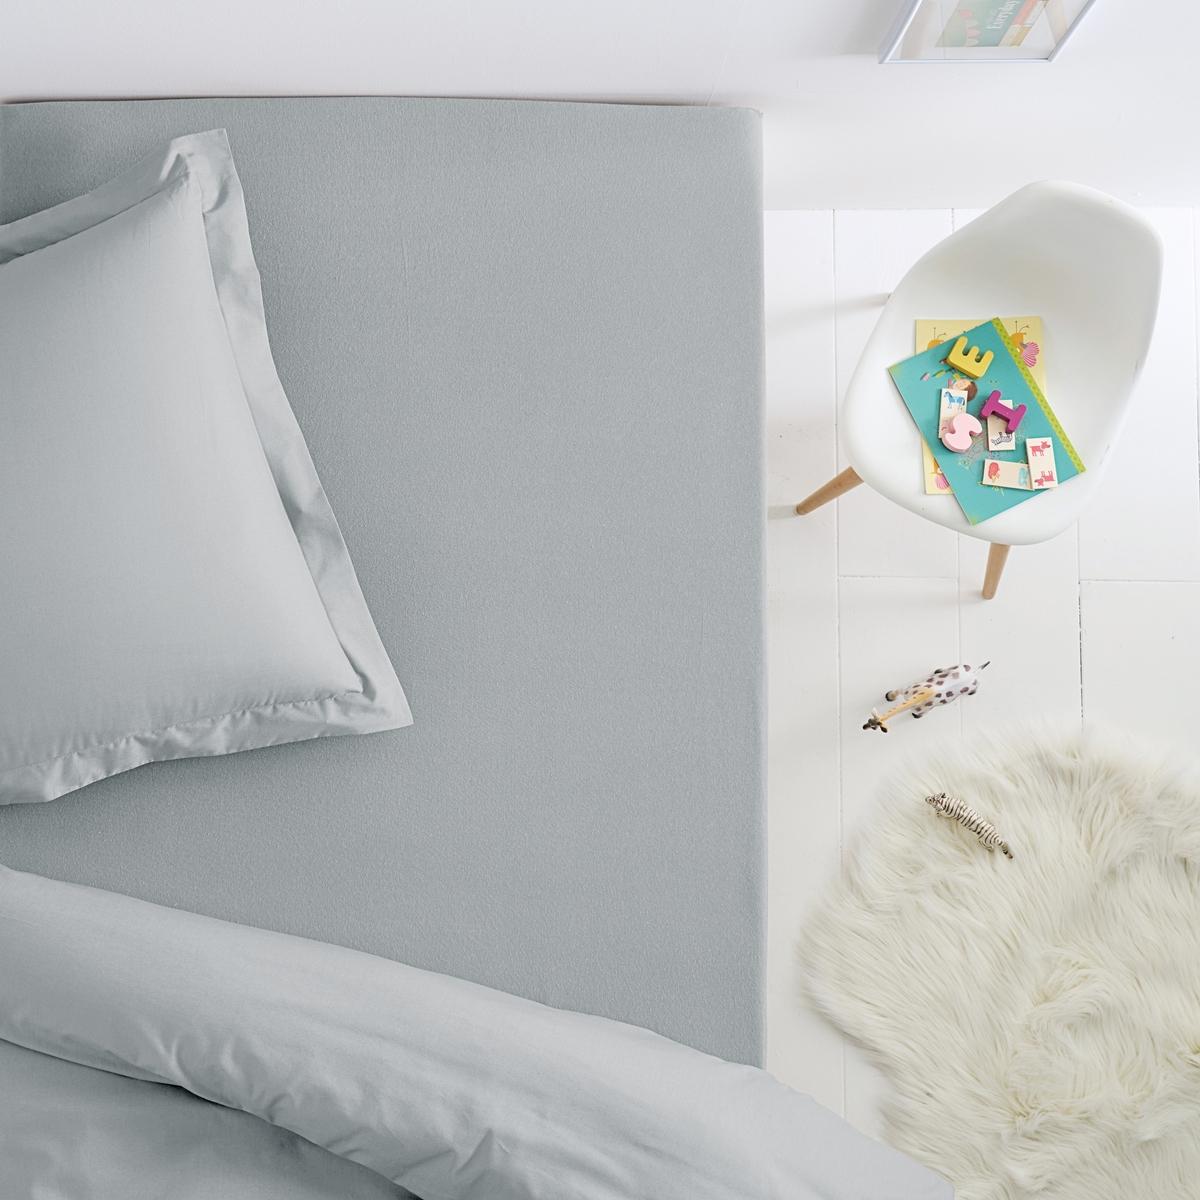 Простыня La Redoute Натяжная из джерси для детской кровати SCENARIO 90 x 190 см серый подушка для изголовья кровати 100% хлопокscenario